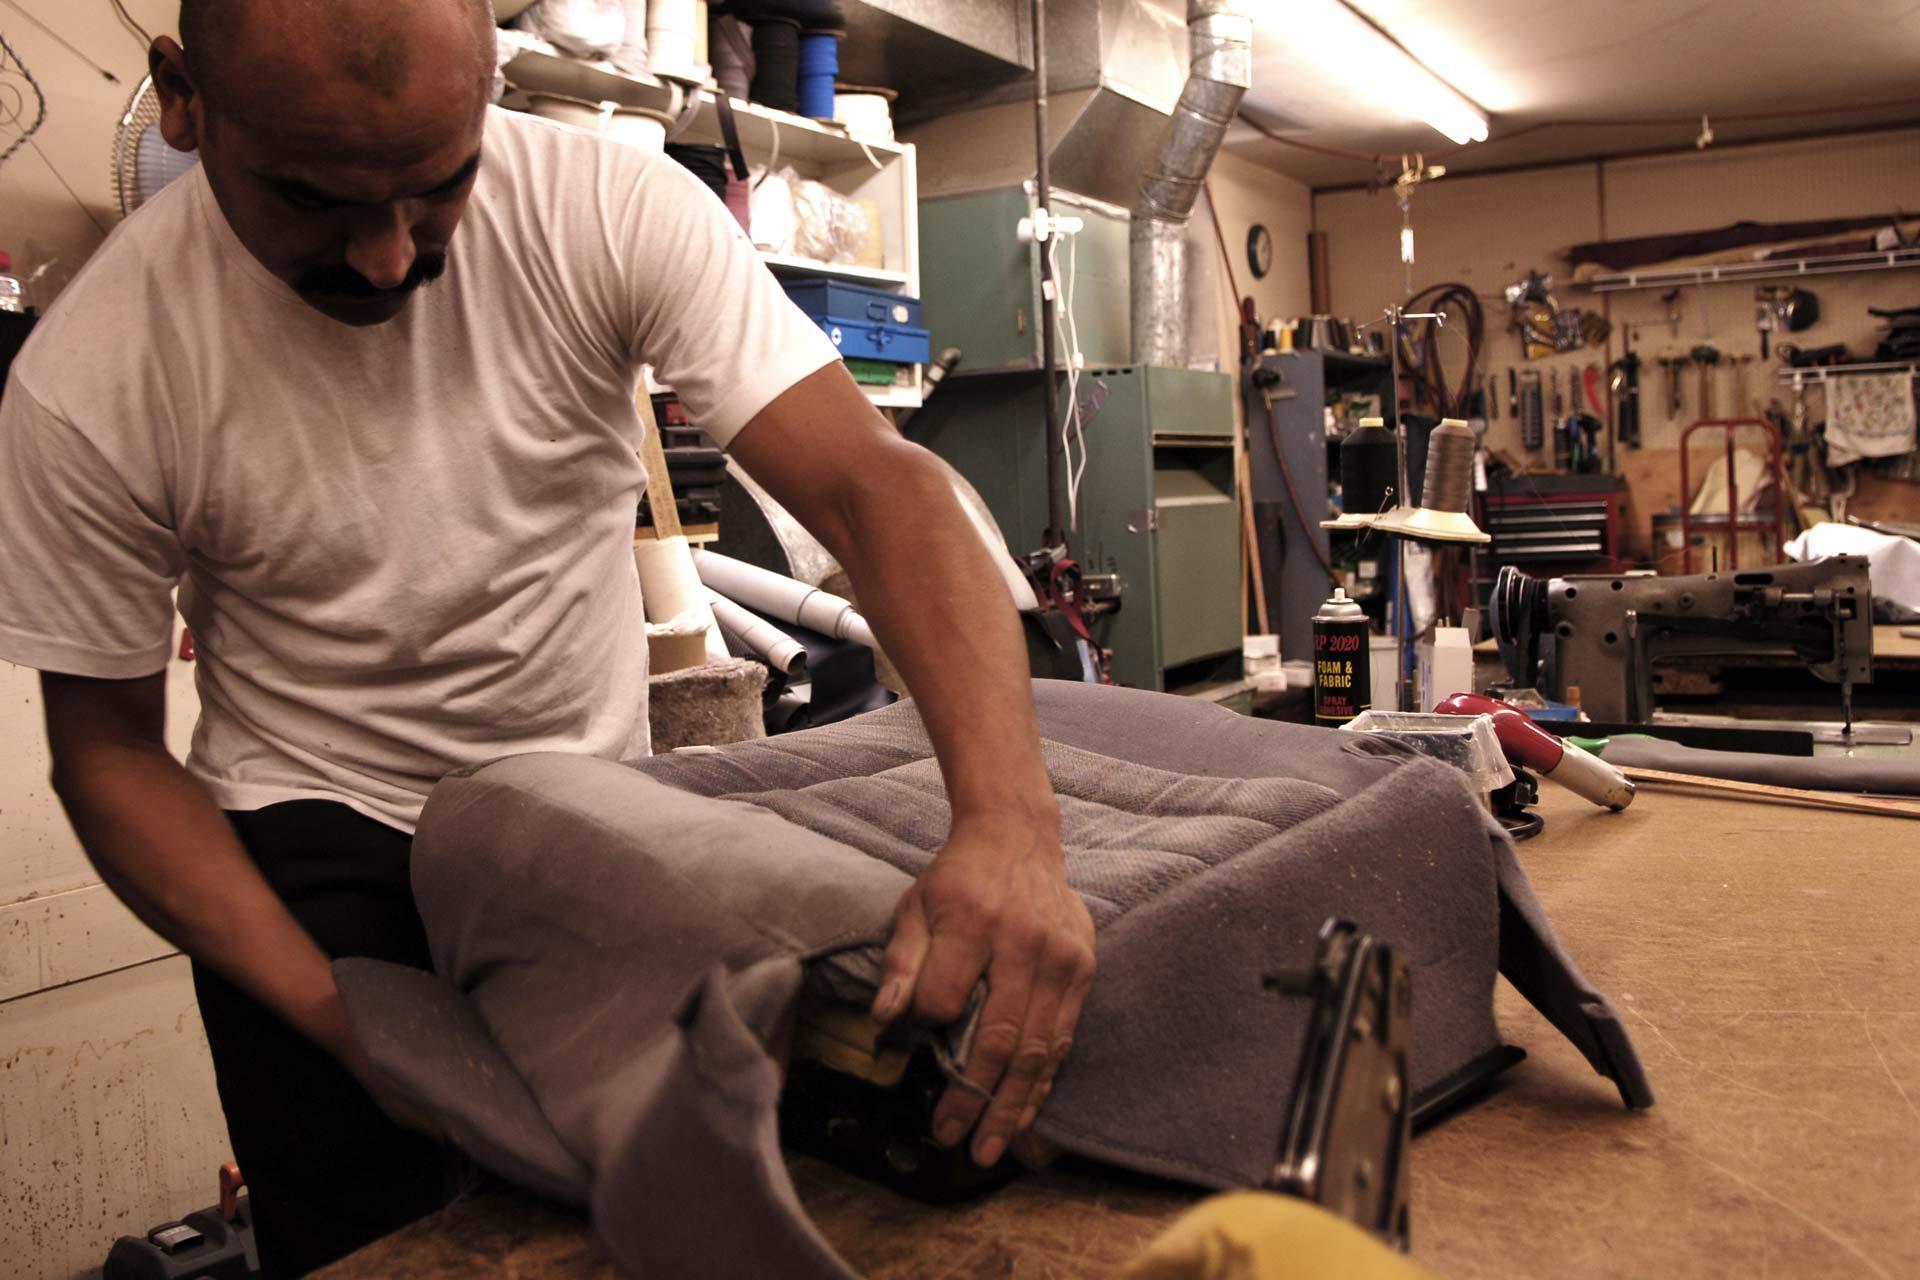 Man working in a car repair shop